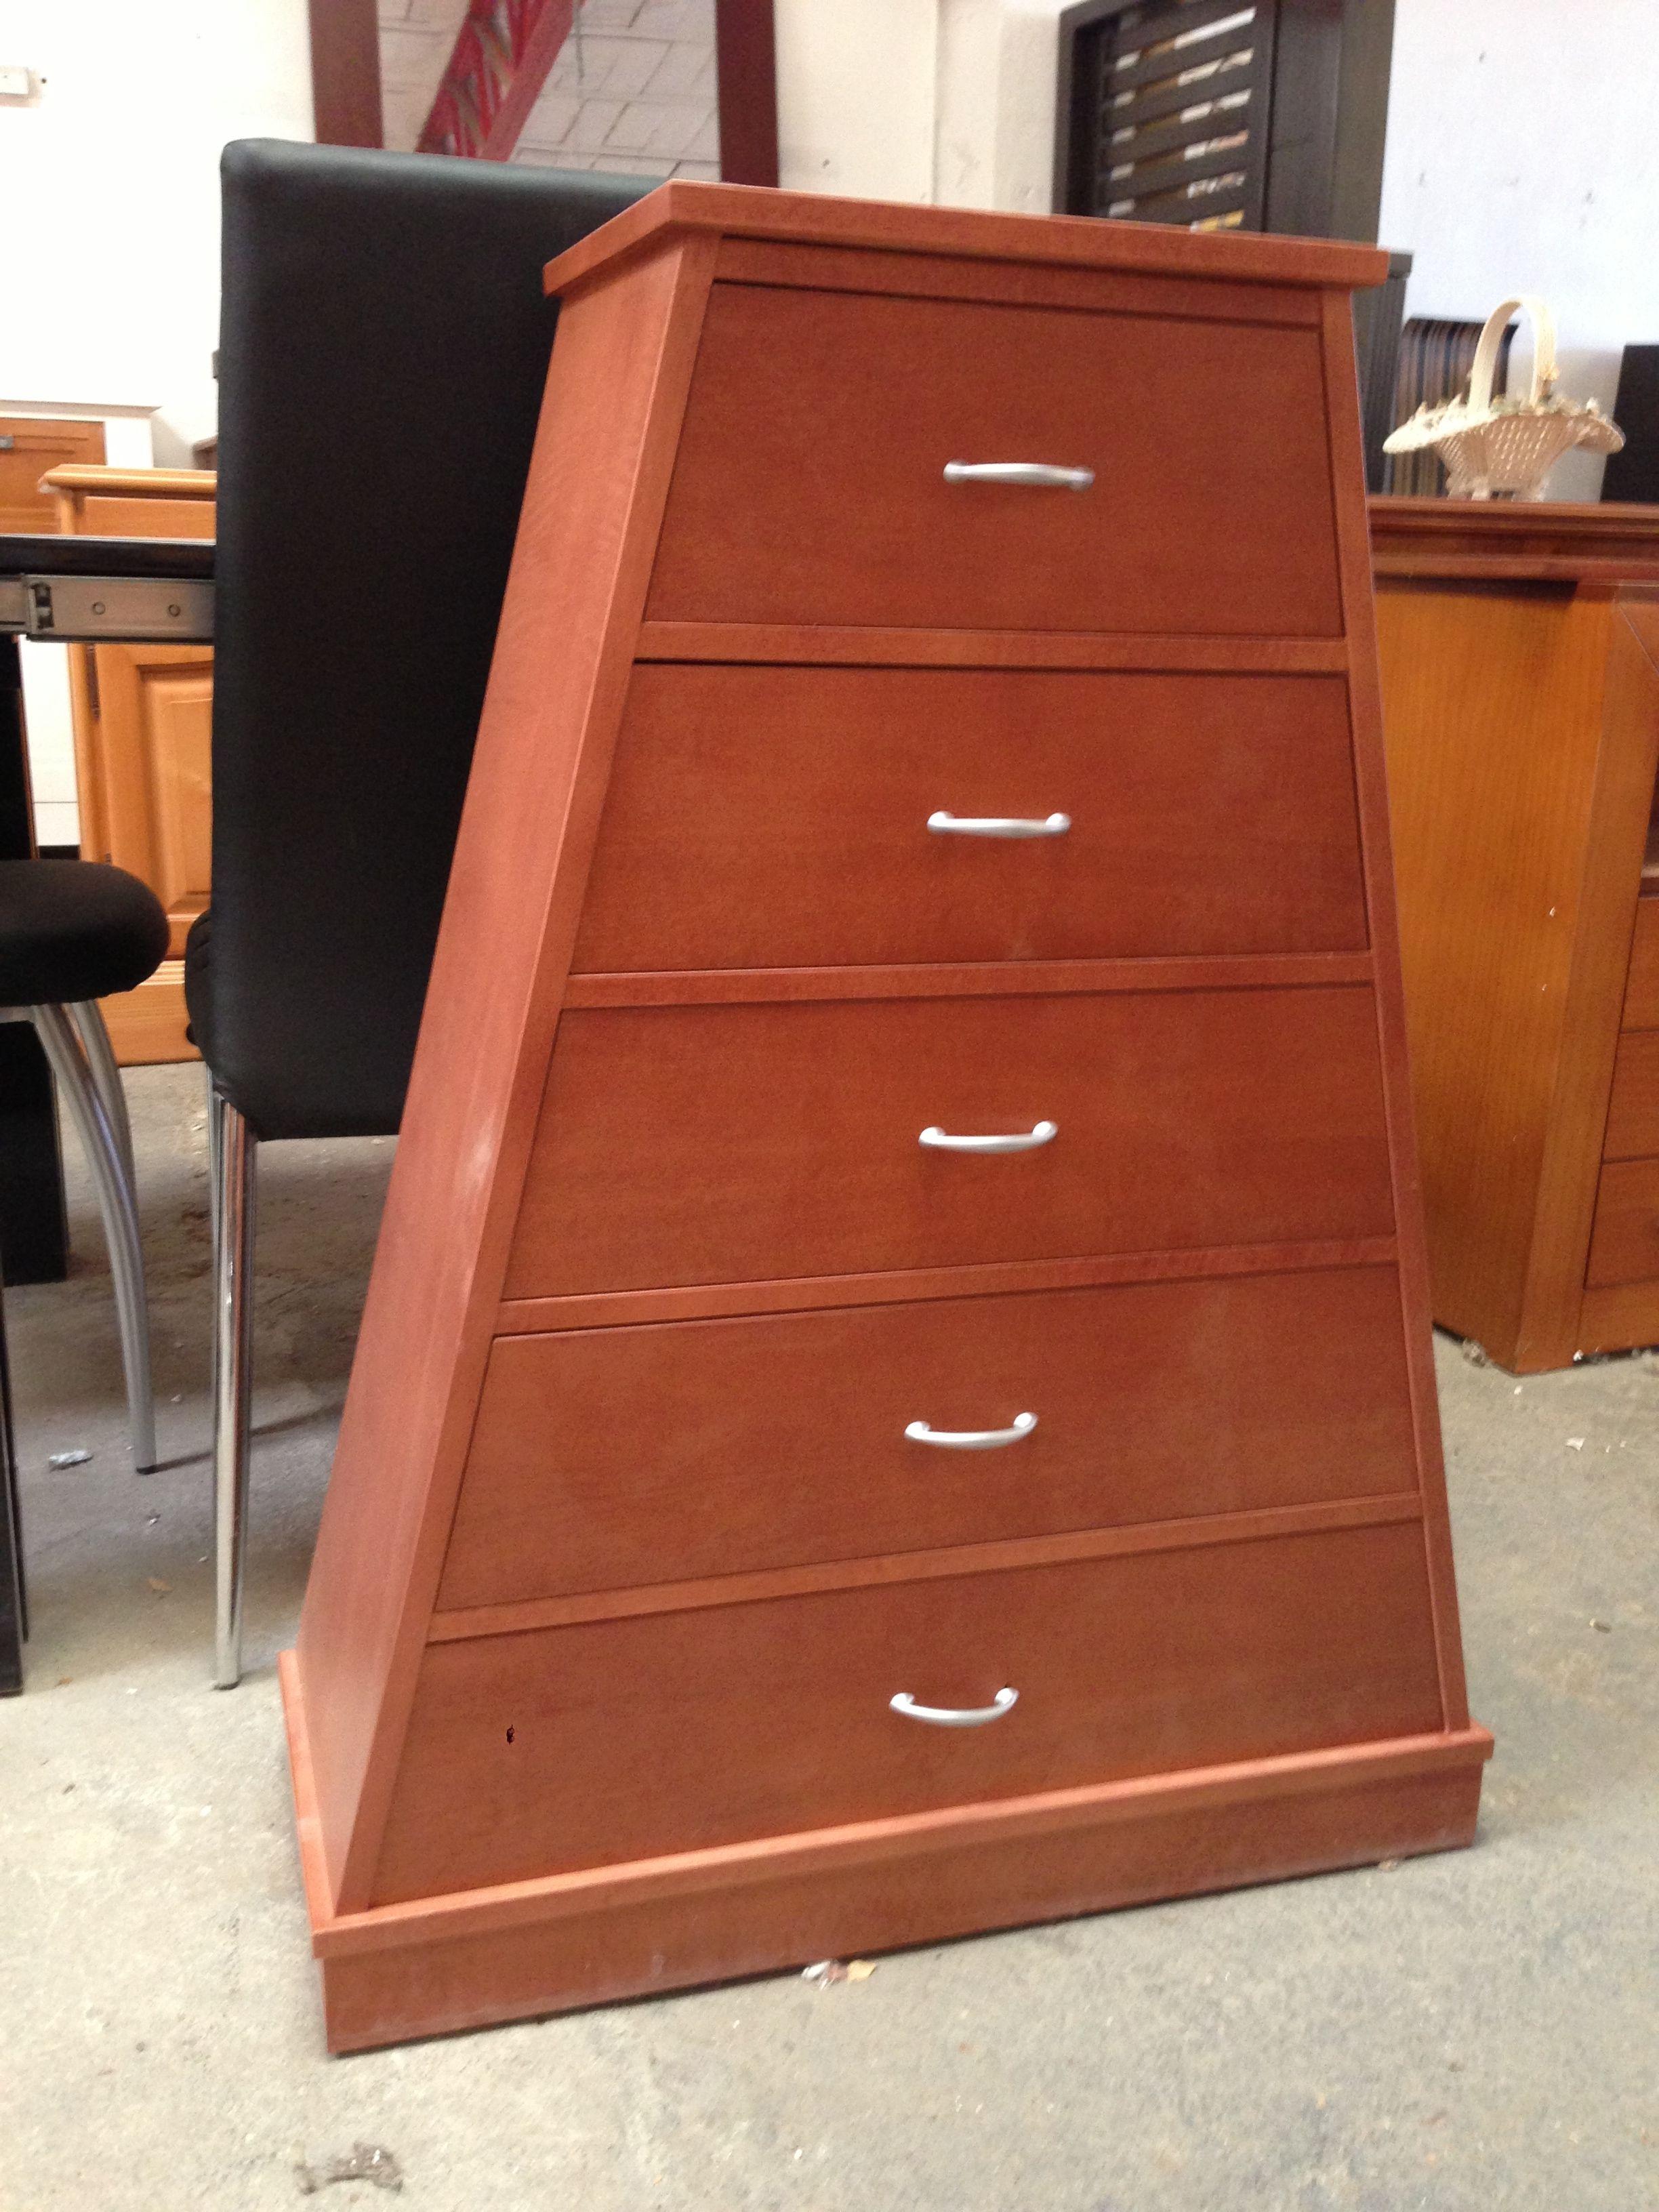 Muebles para sal243n y comedor Distintos precios y modelos  : a3ca4a05d9e5e0b7805cbe4eb0cc820a from www.pinterest.com size 2448 x 3264 jpeg 3433kB